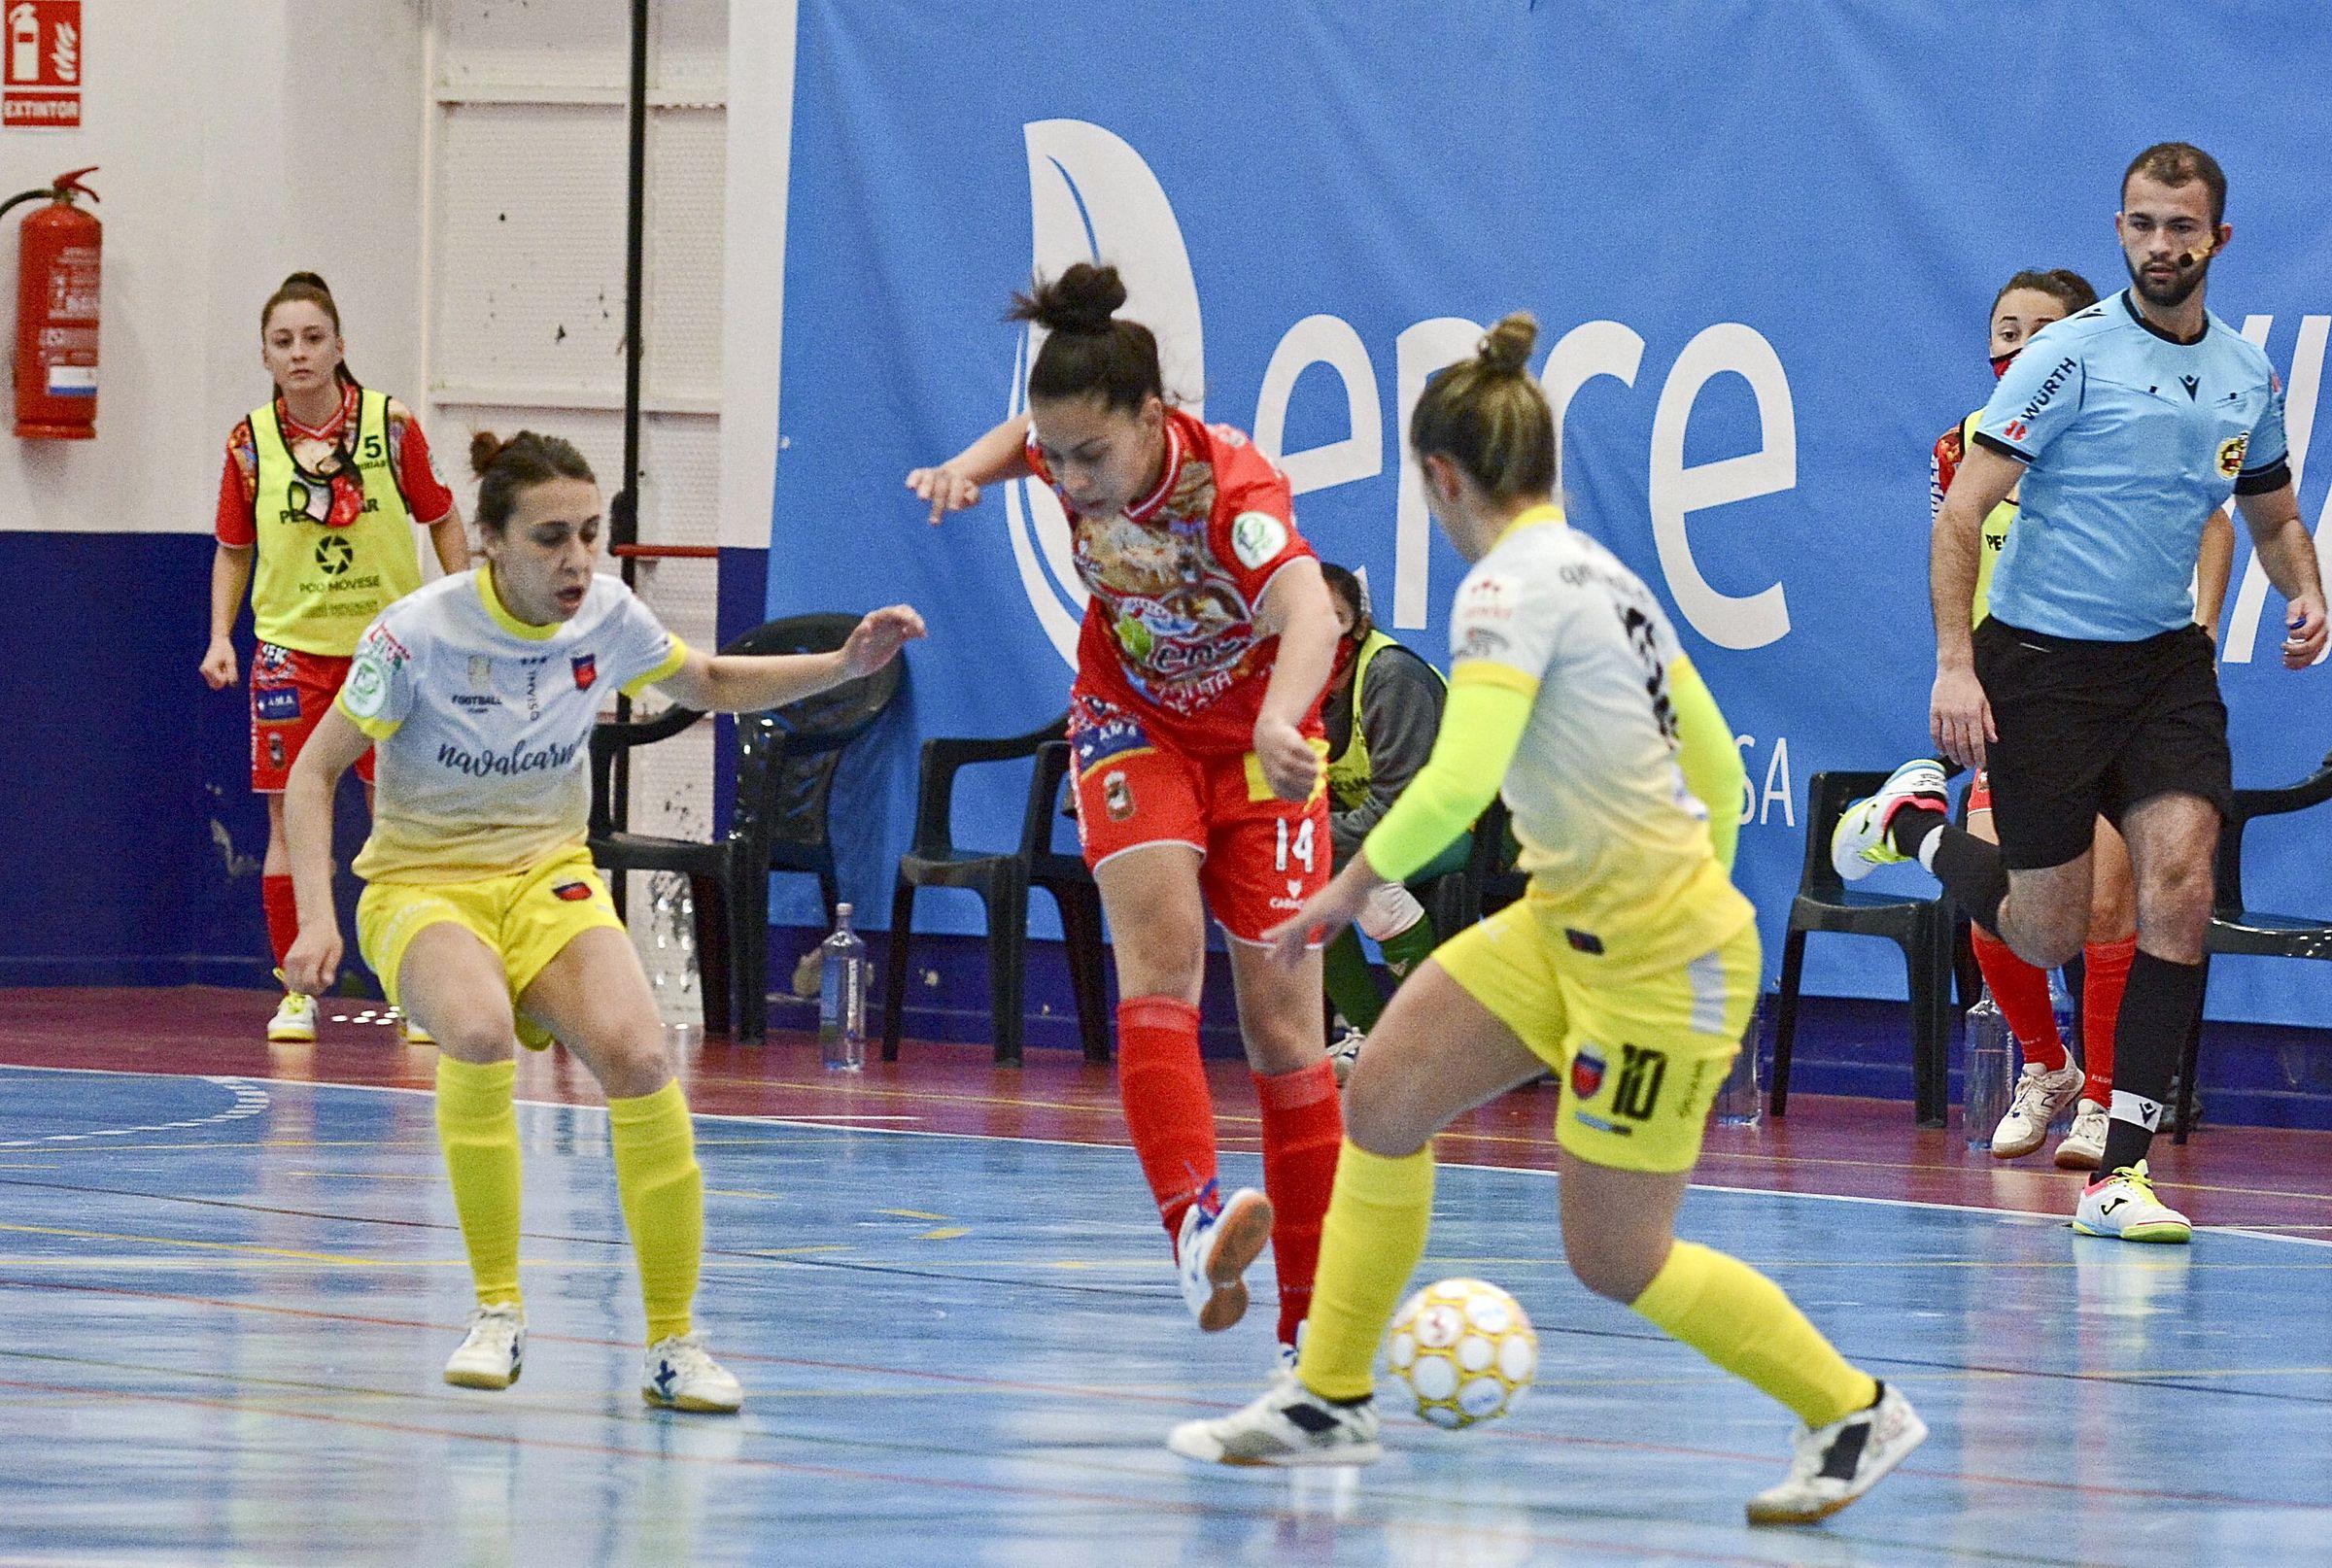 Poio Pescamar y Melillan dieron un recital de fútbol en A Seca.El Envialia jugó con su equipación feminista, de color morado y con los  nombres de las madres de las jugadoras en el dorsal